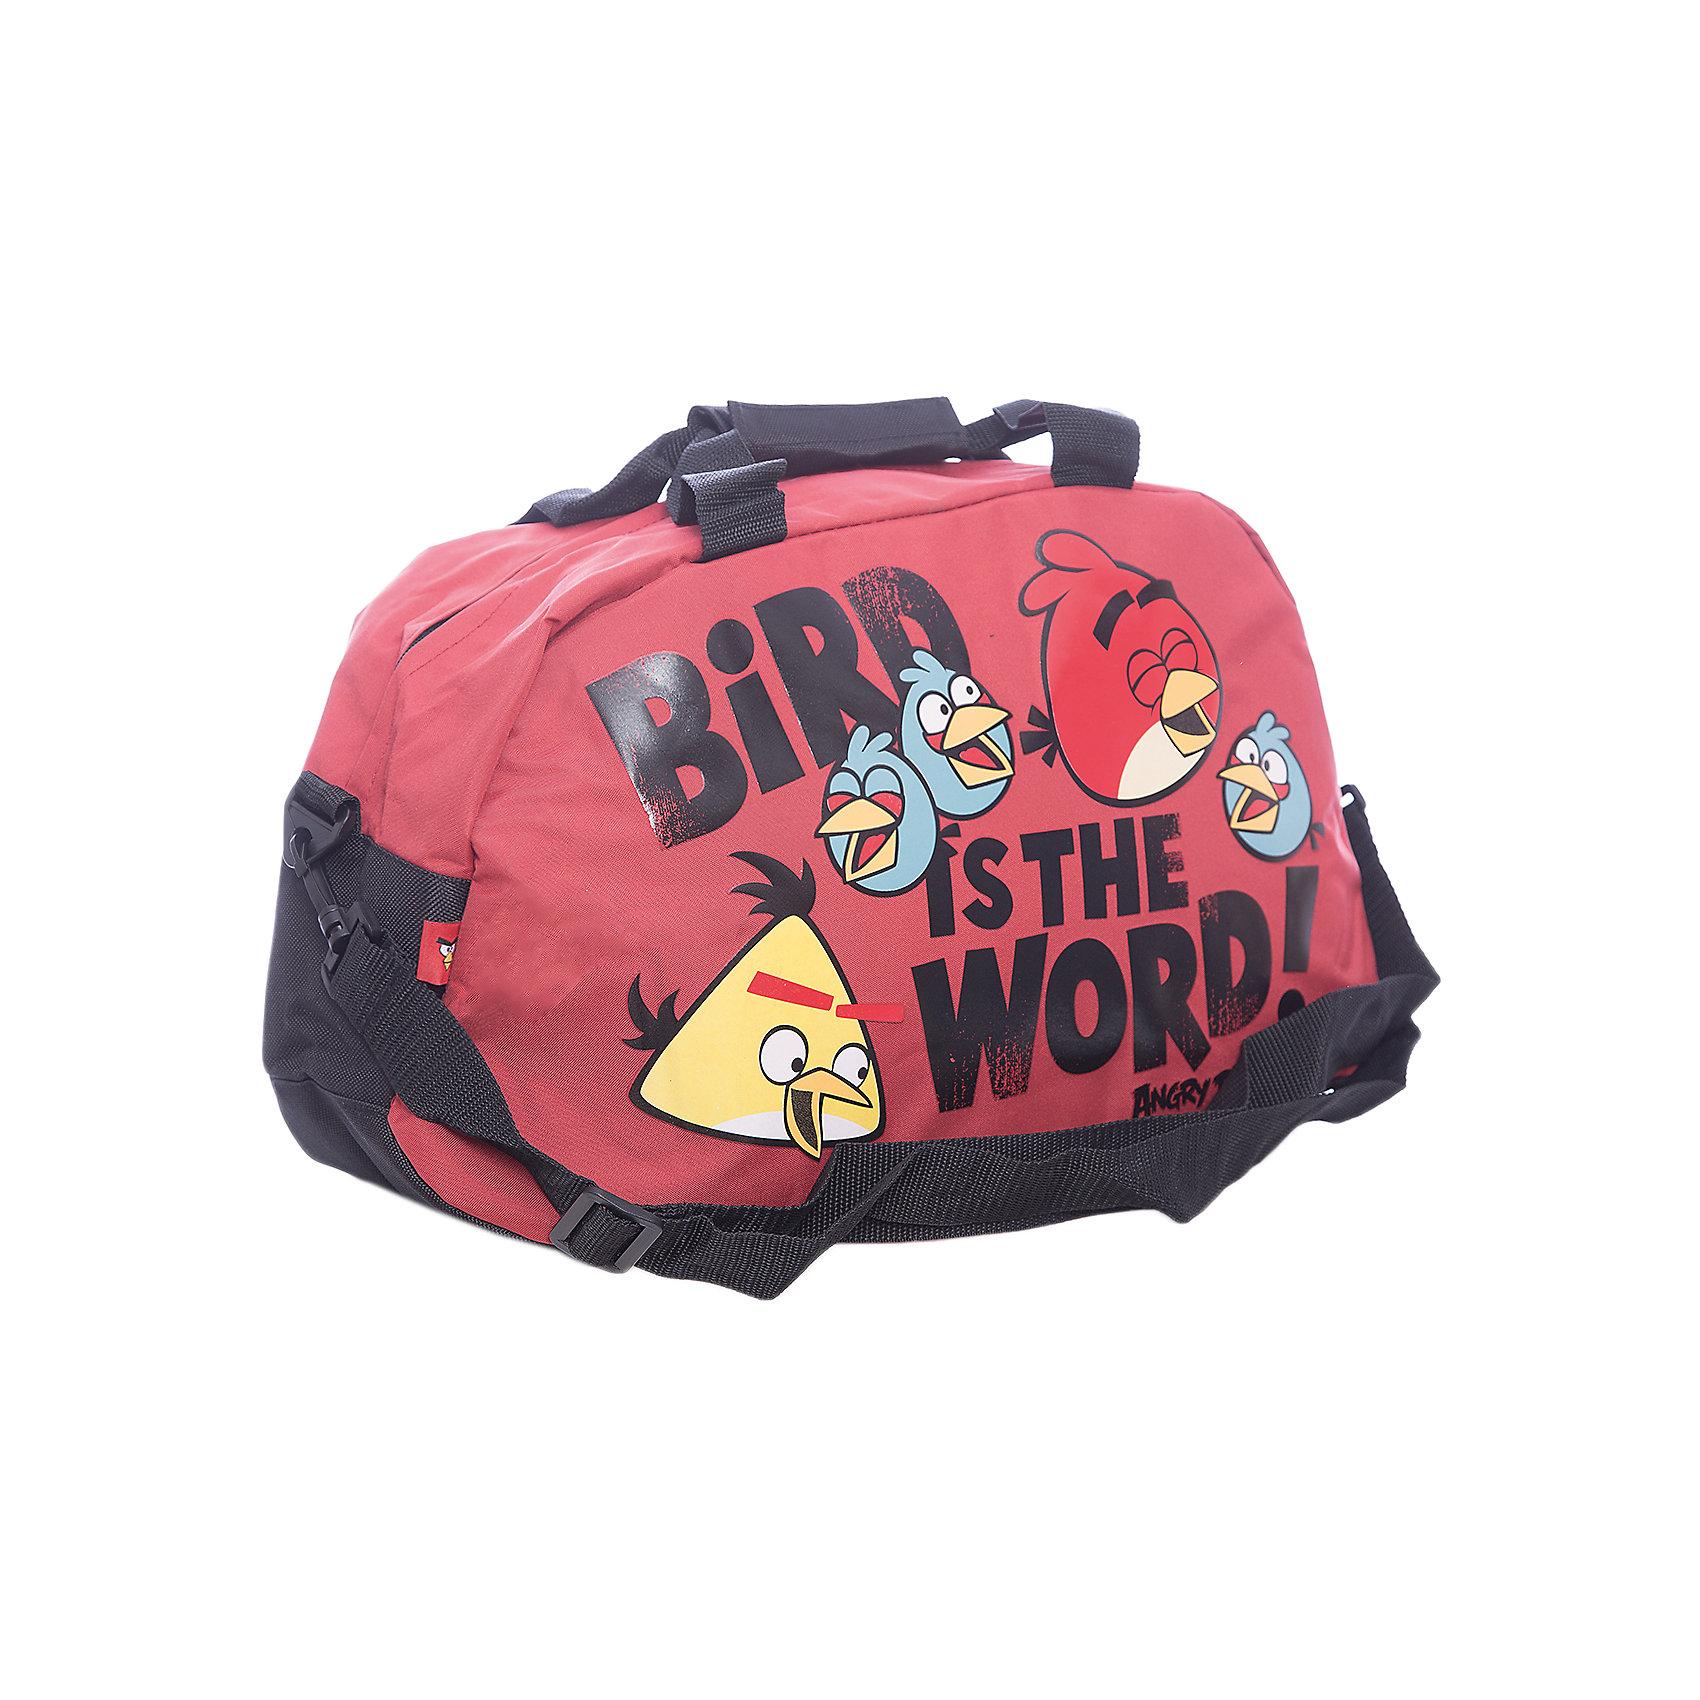 Сумка спортивная, Angry BirdsСумка  Angry Birds (Злые Птички) спортивная c боковым карманом и отделением для мобильного телефона.<br><br>Дополнительная информация:<br><br>Размер 26 х 50 х 15 см.<br><br>Angry Birds Сумку спортивную можно купить в нашем магазине.<br><br>Ширина мм: 200<br>Глубина мм: 300<br>Высота мм: 100<br>Вес г: 500<br>Возраст от месяцев: 96<br>Возраст до месяцев: 144<br>Пол: Унисекс<br>Возраст: Детский<br>SKU: 3377334